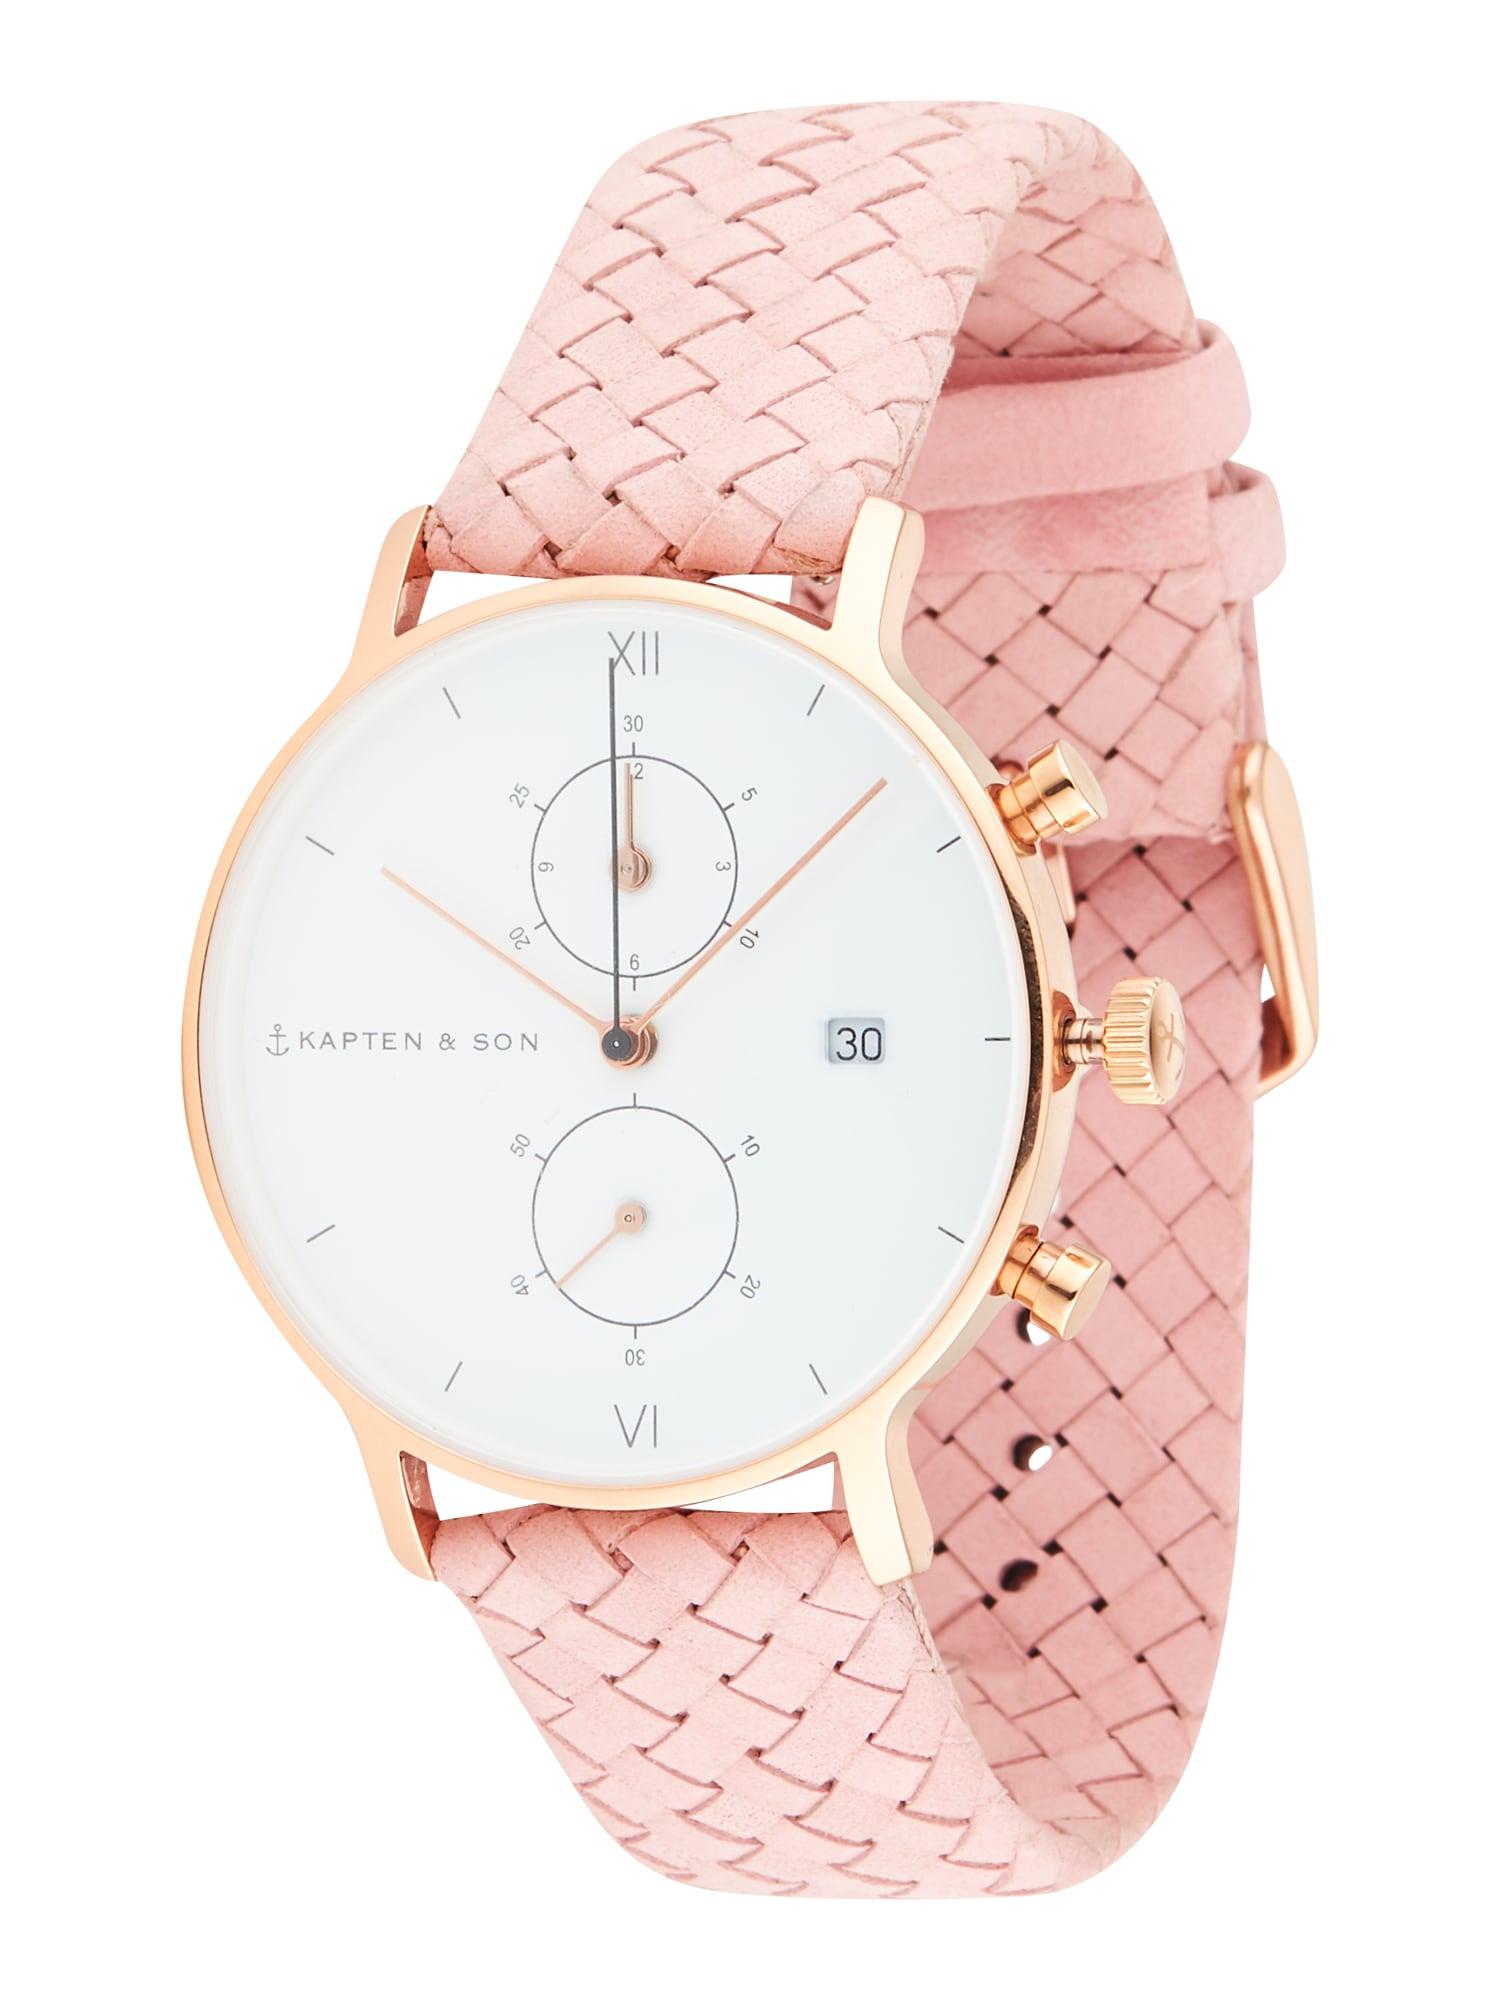 Kapten & Son Analoginis (įprasto dizaino) laikrodis rožinė